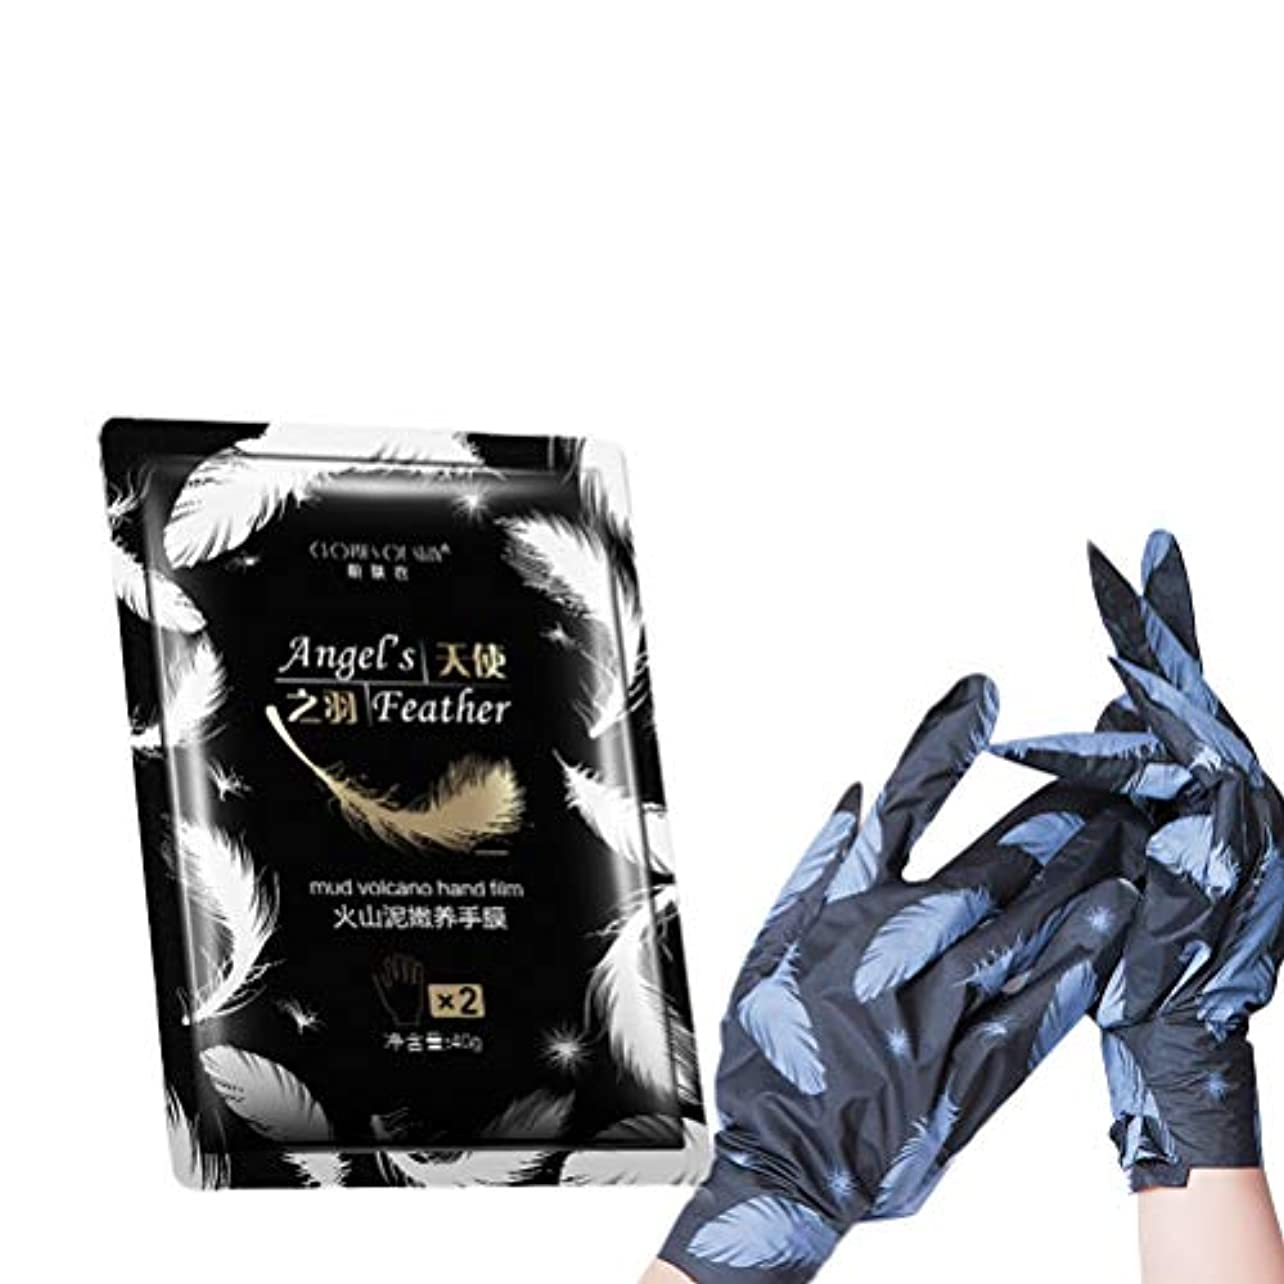 企業フレア意欲SUPVOX 乾燥肌のための保湿ハンドマスク保湿手袋栄養補給のためのハンドケアホワイトニング